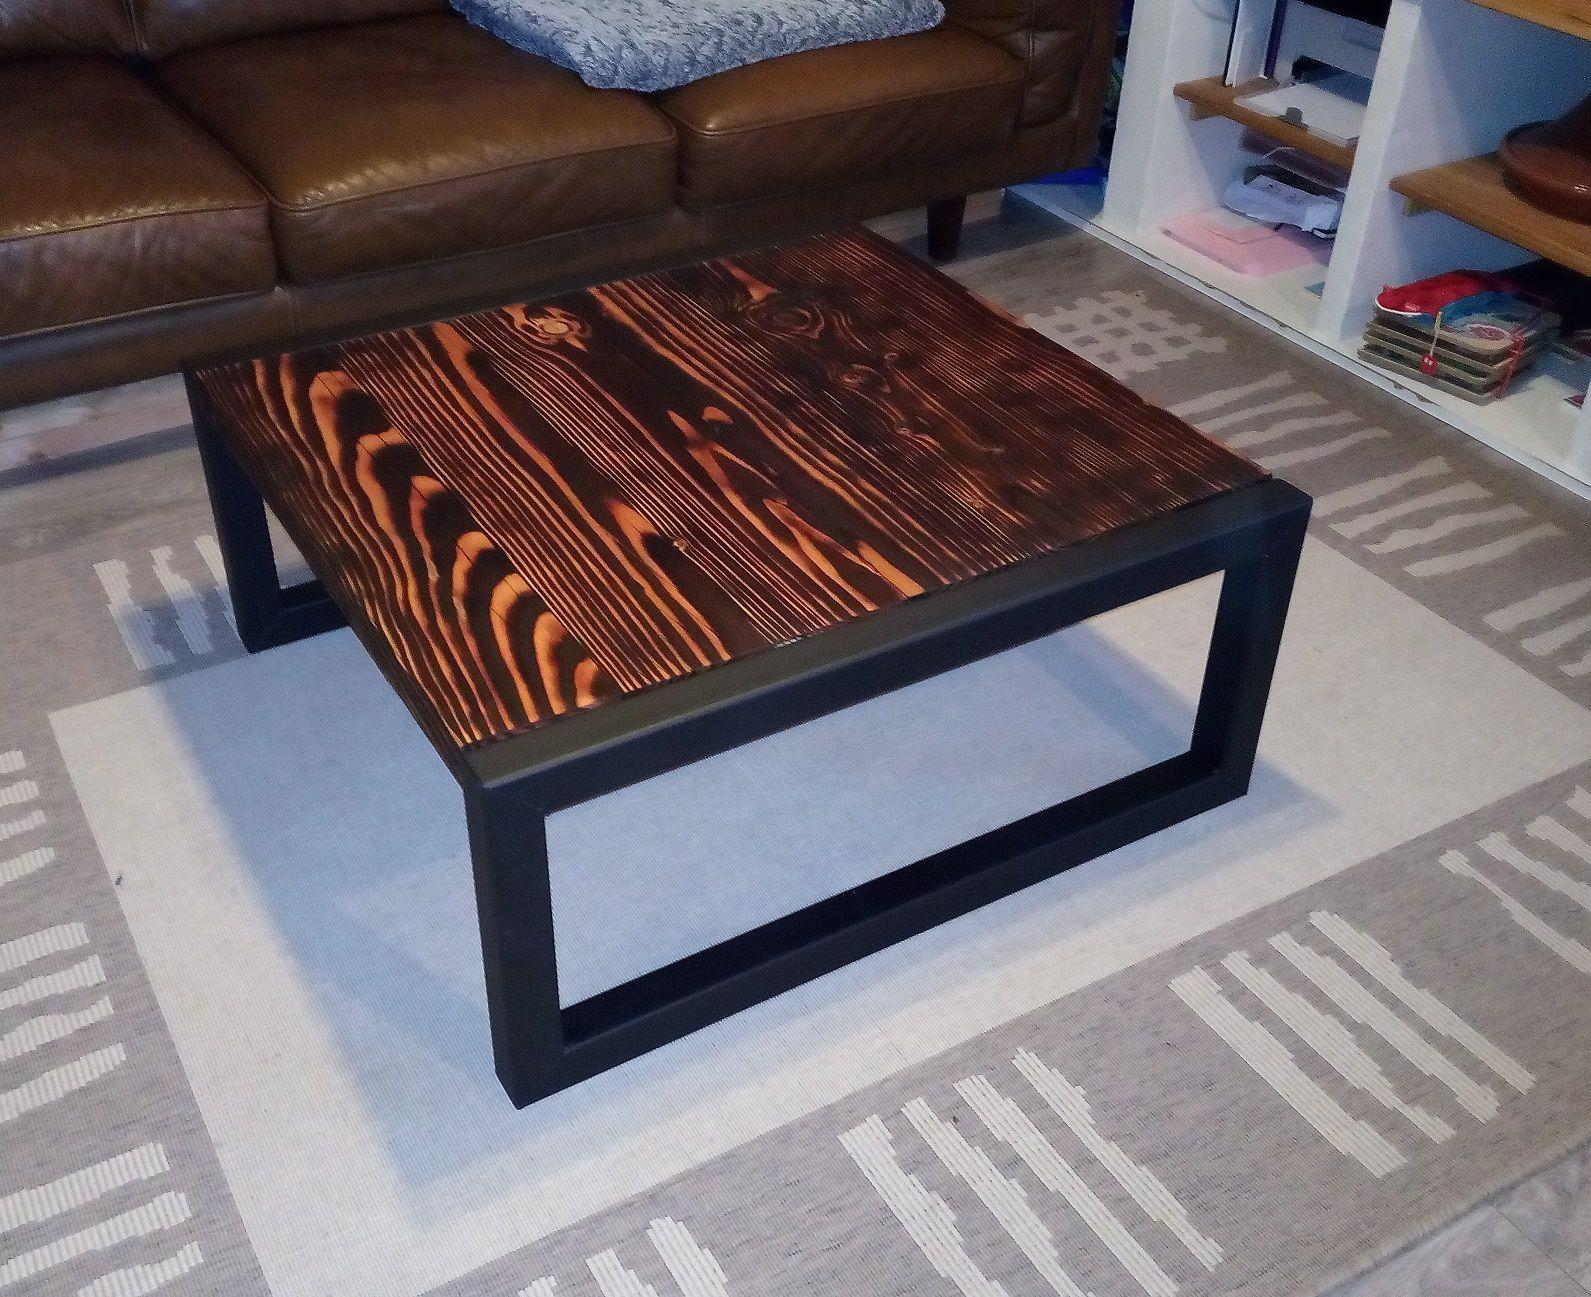 table basse en bois br l technique shou sugi ban meuble industriel a faire en 2019 welded. Black Bedroom Furniture Sets. Home Design Ideas